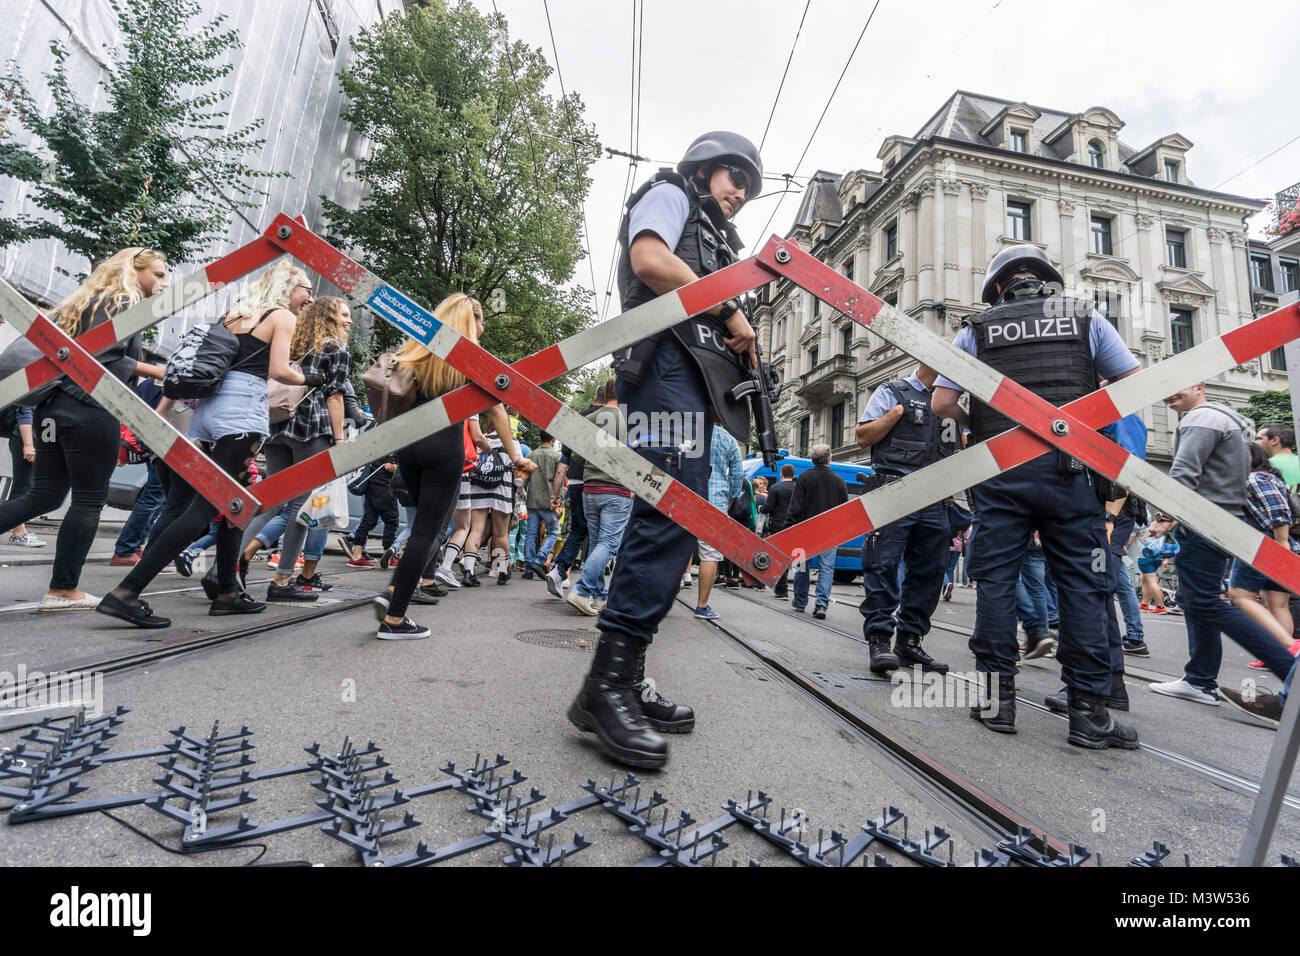 Absperrung,  Bahnhofstrasse, Love Parade Wochende, Zürich, Schweiz  | Love Parade weekend, police blockade - Stock Image